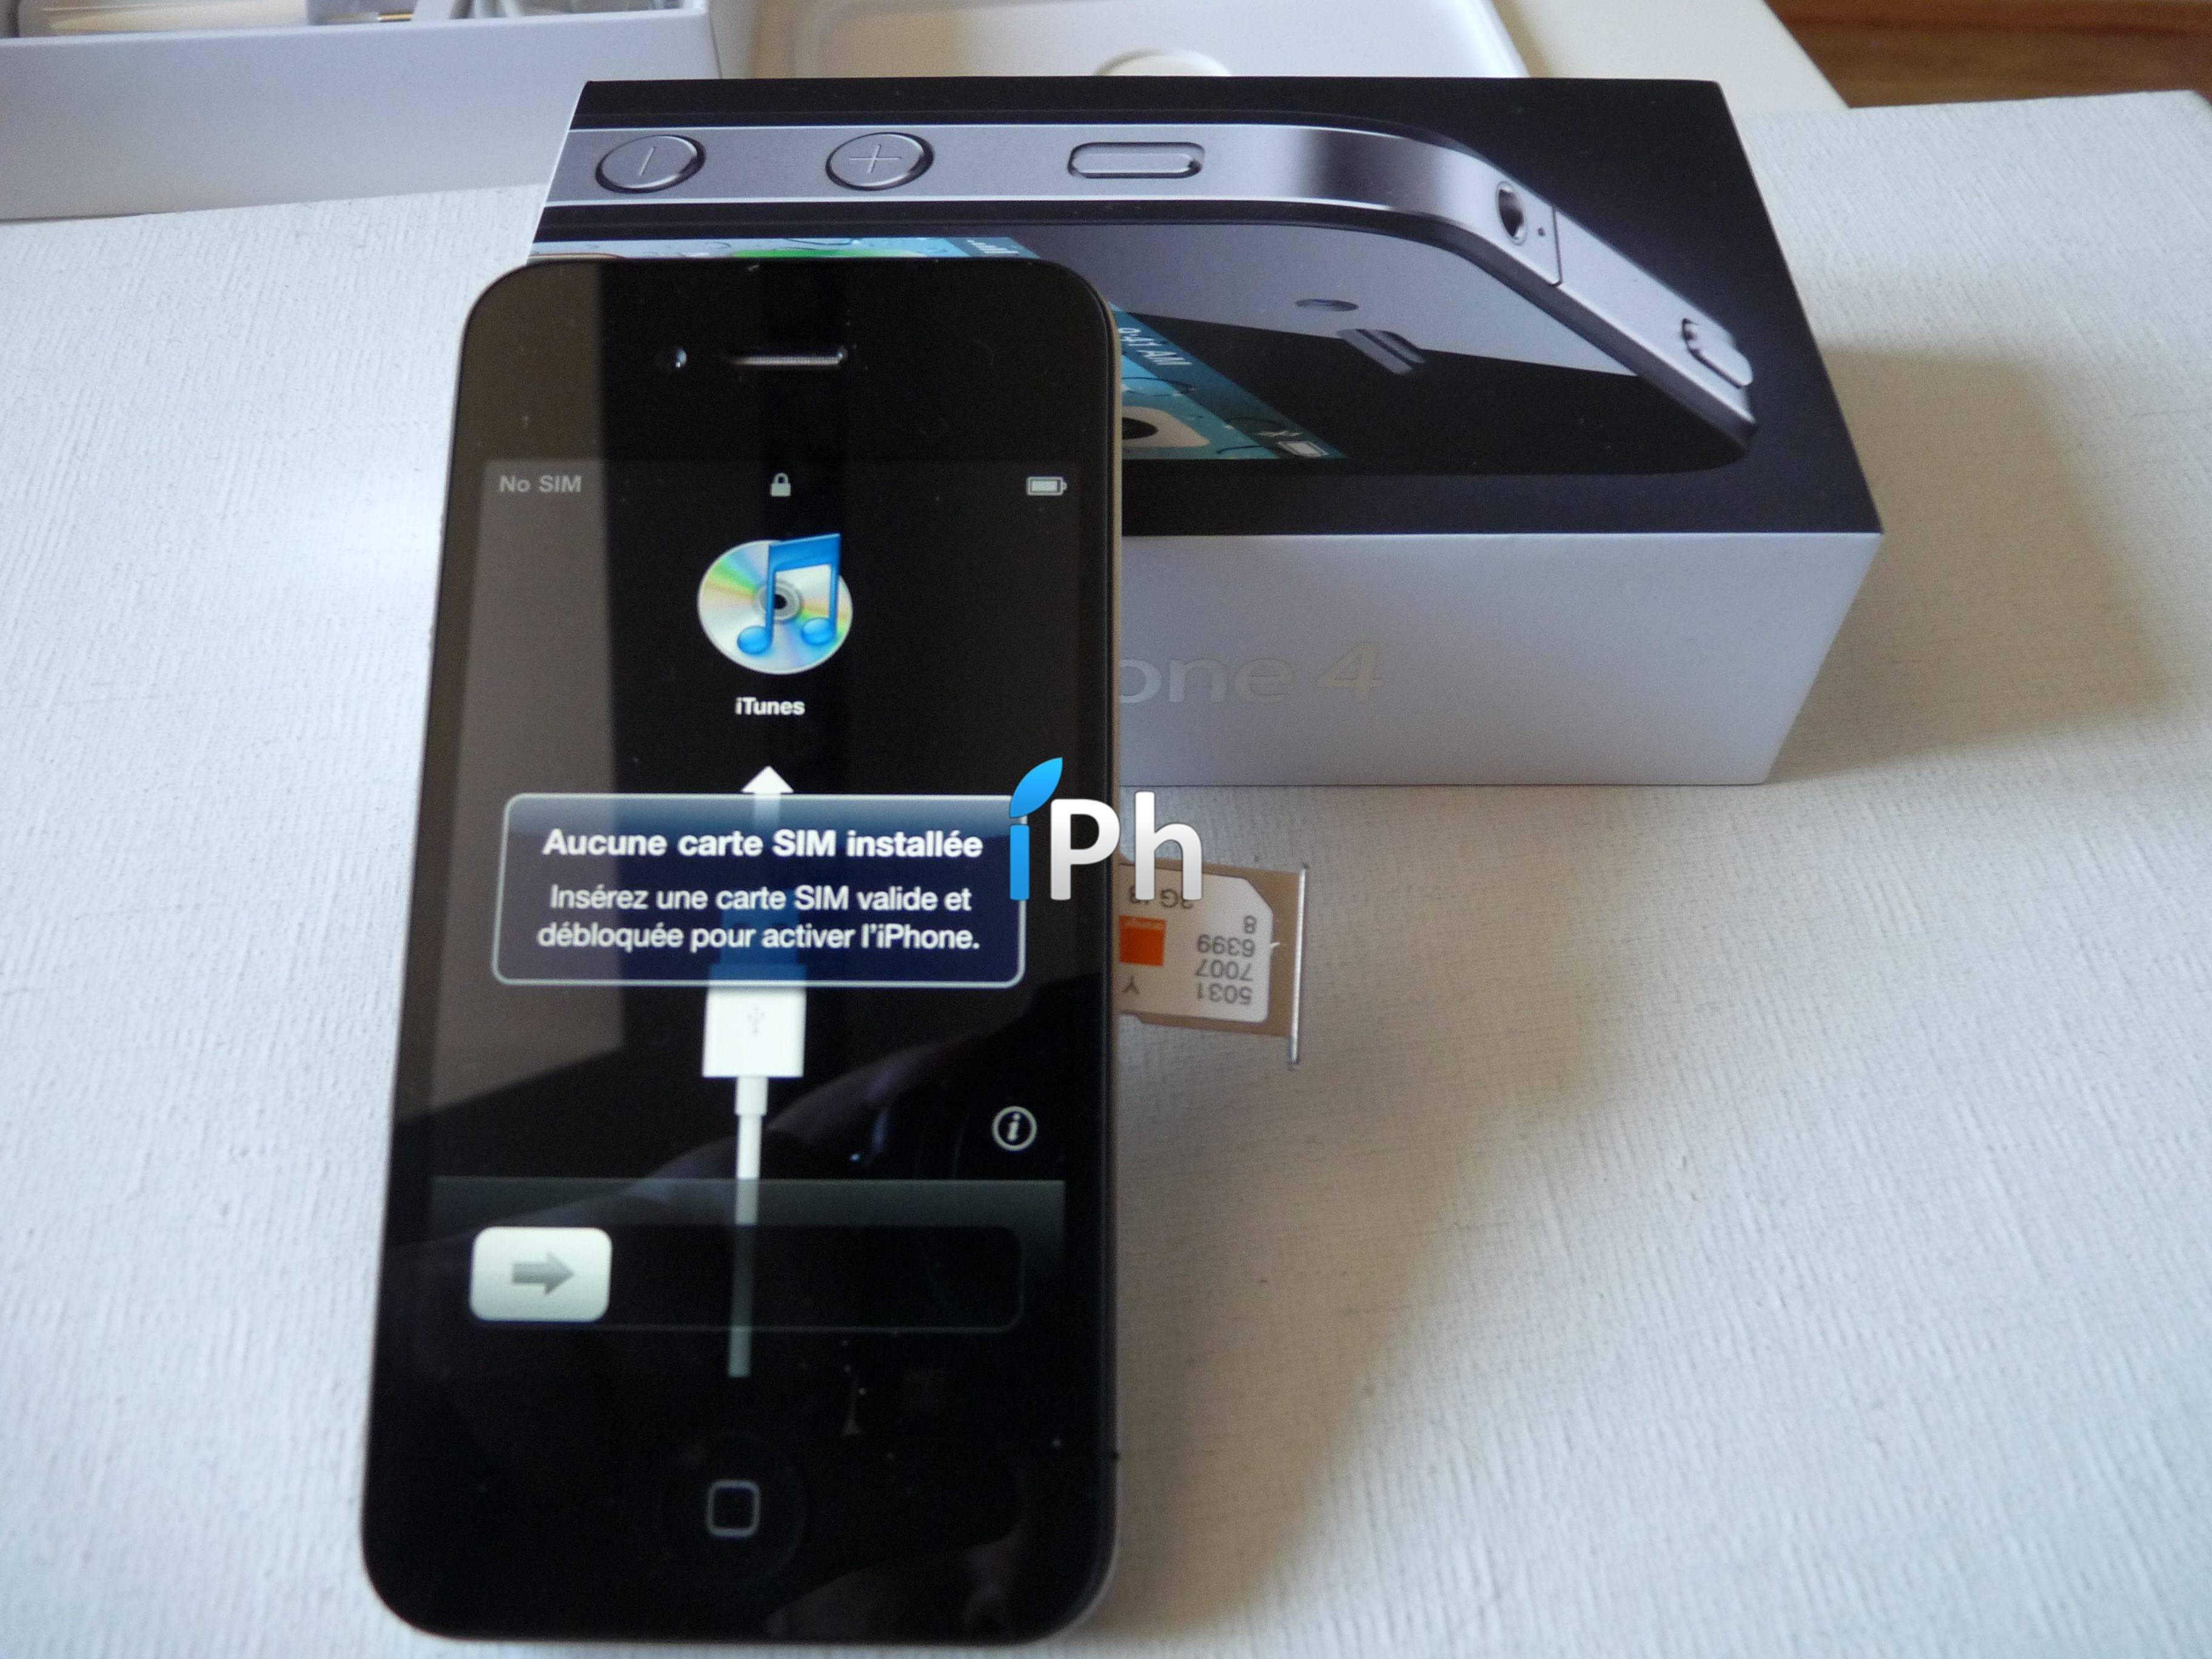 P1140479 iPhone 4   Les photos de liPhone 4 Noir par Myk